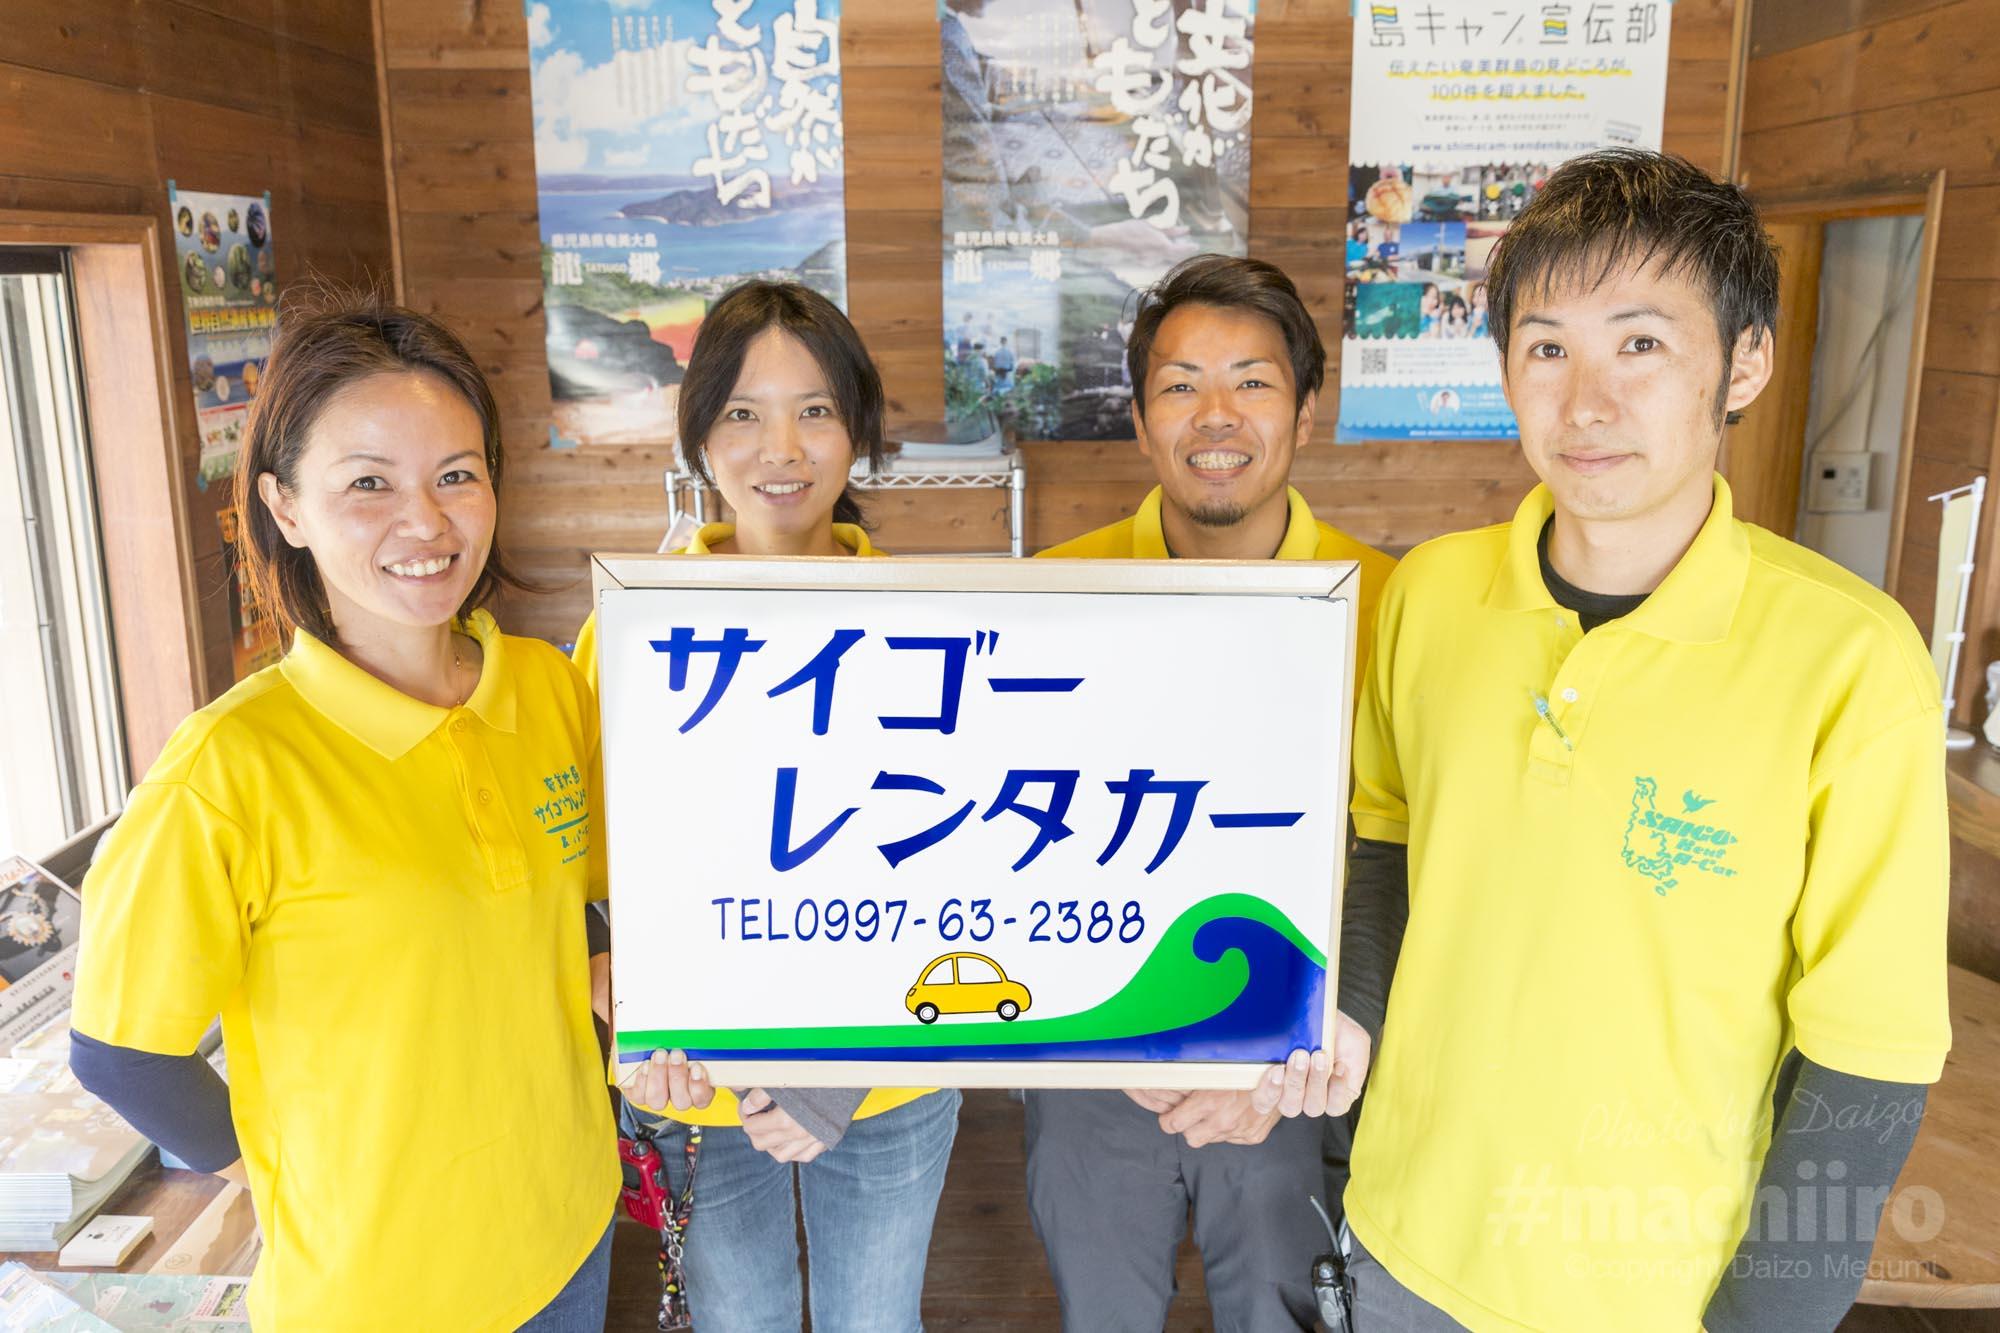 ☆老舗ローカルショップ☆ サイゴーレンタカー